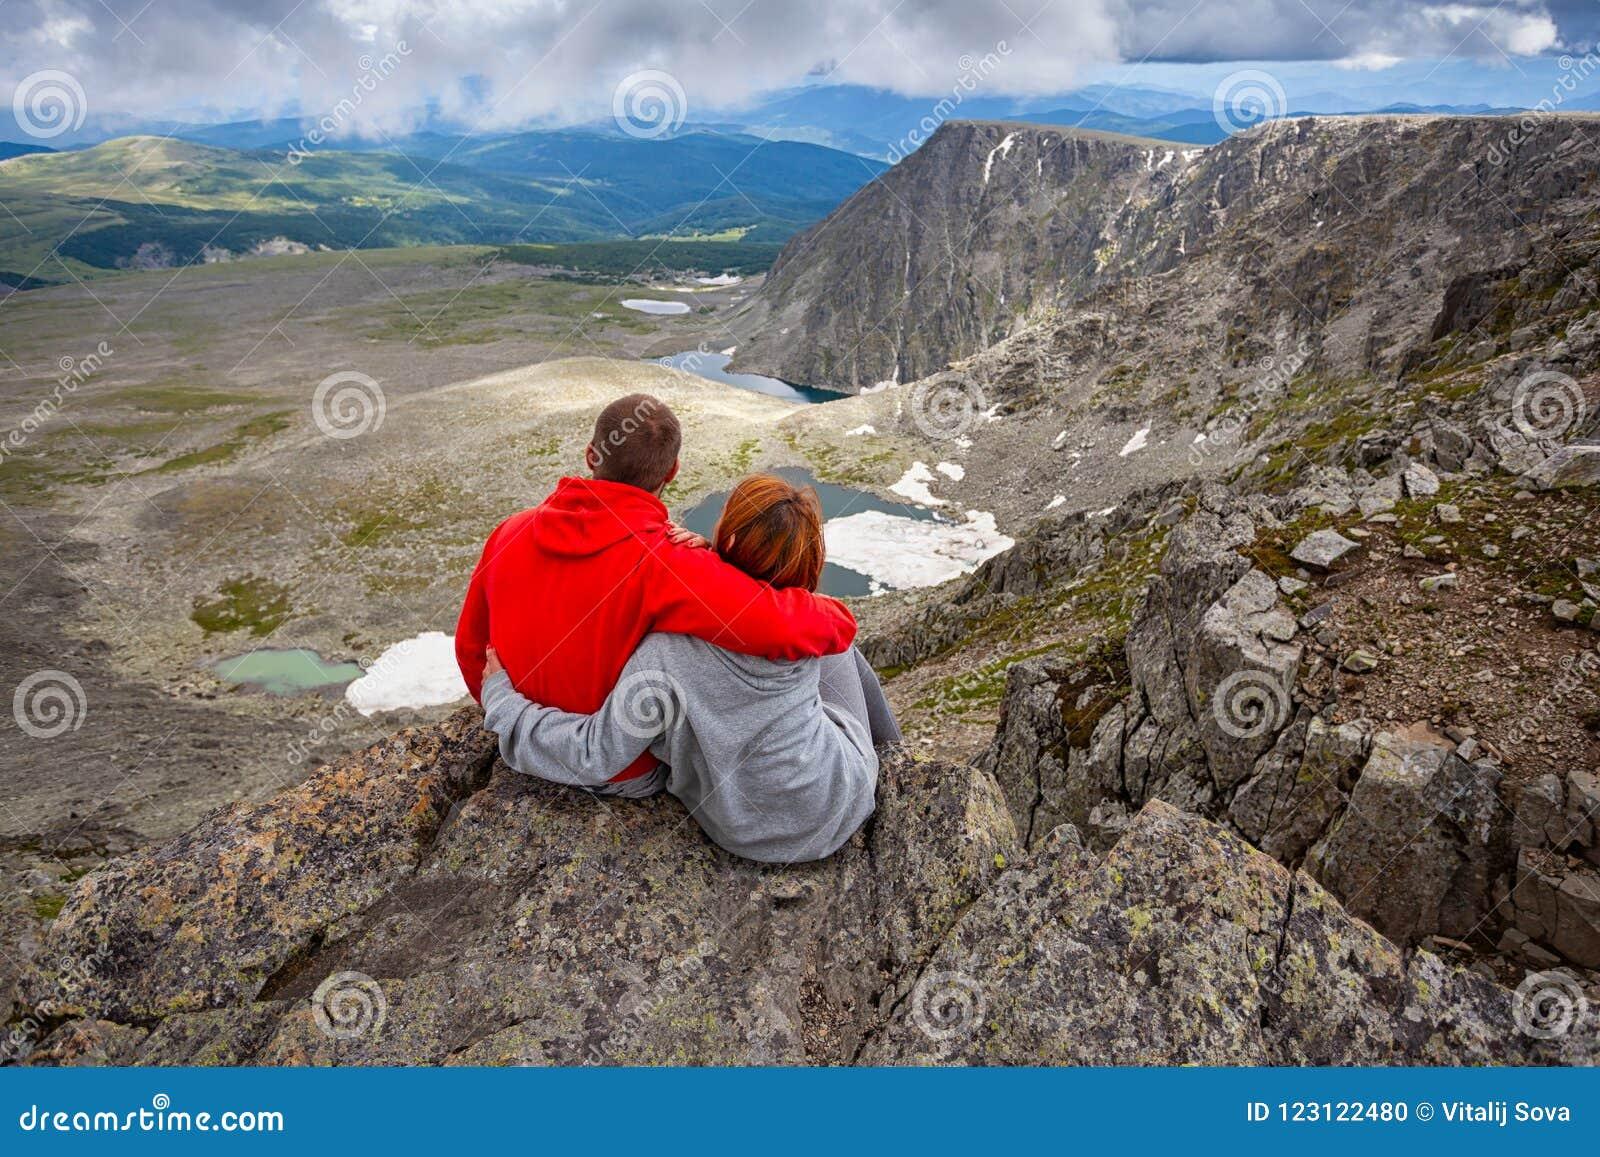 Momento atmosférico para amantes nas montanhas